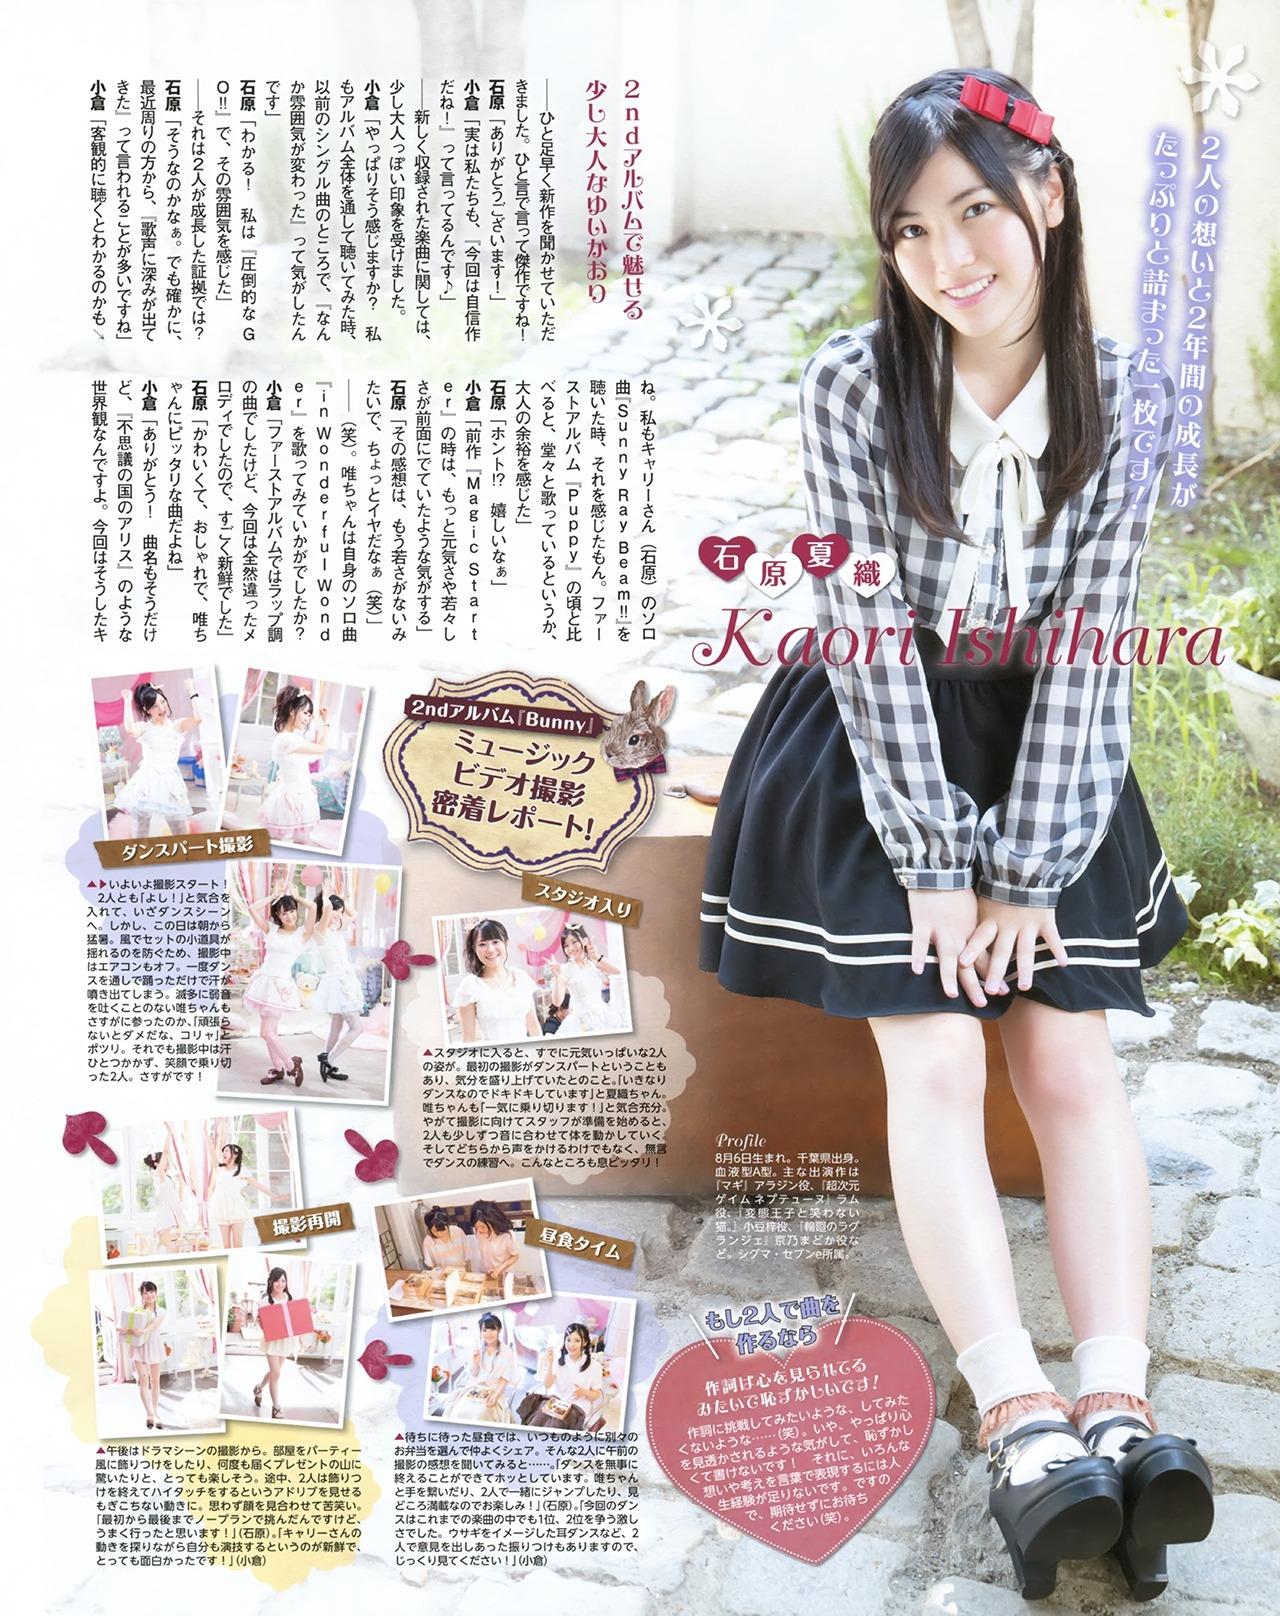 ishihara_kaori074.jpg